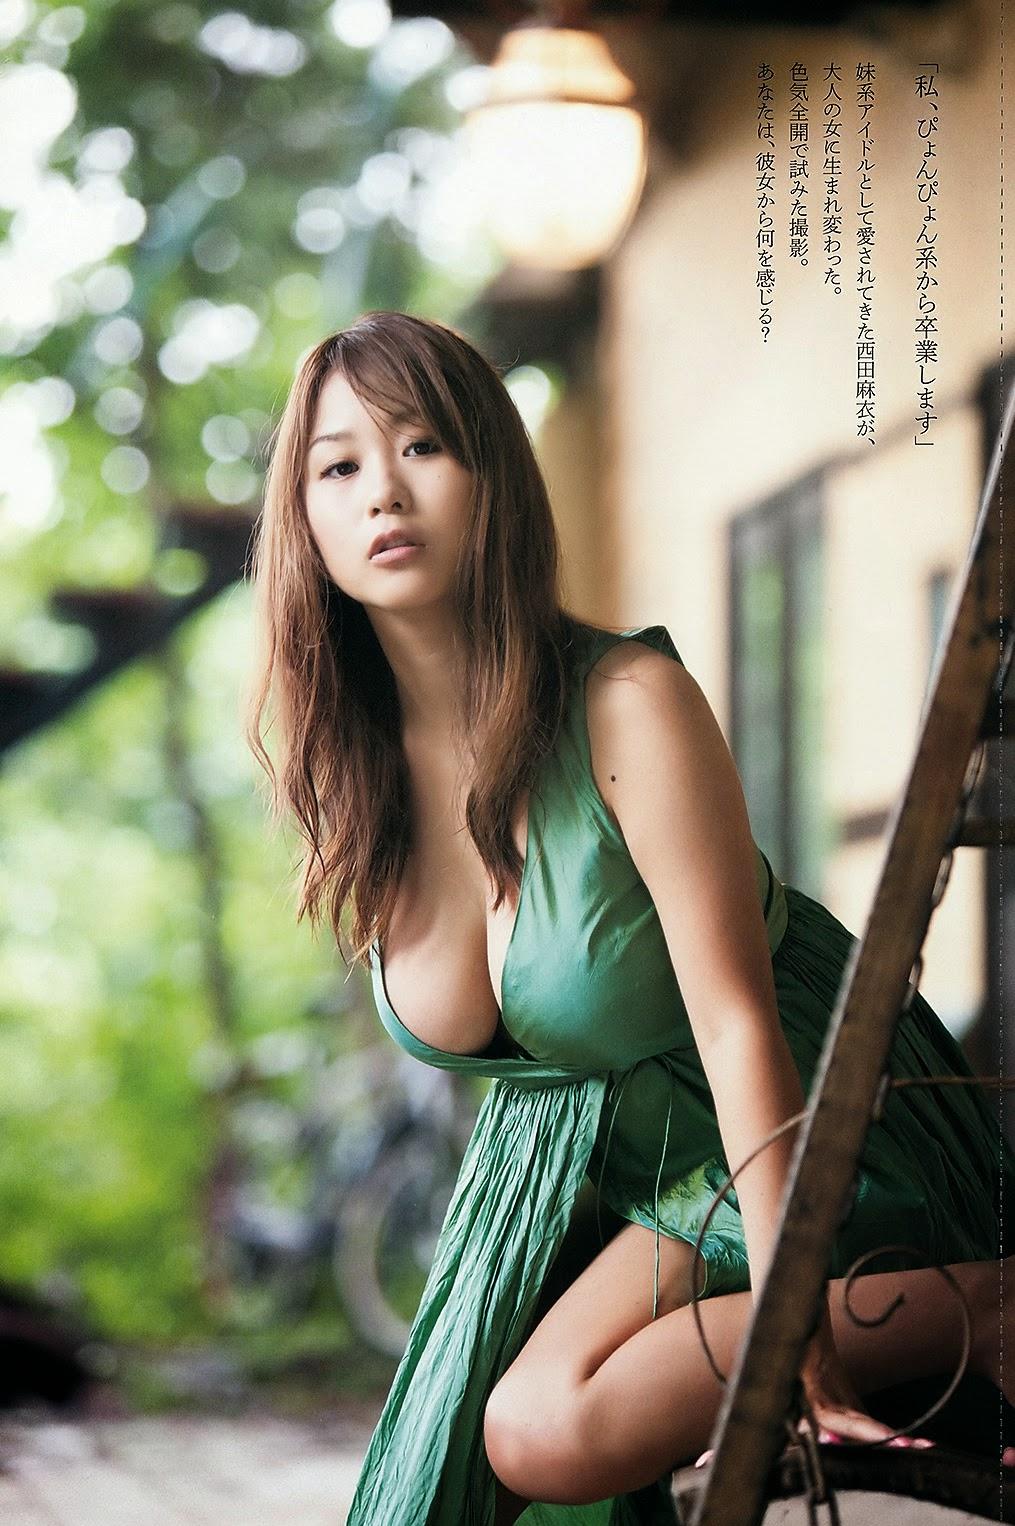 Gái xinh Mai Nishida vòng 1 quyến rũ đàn ông